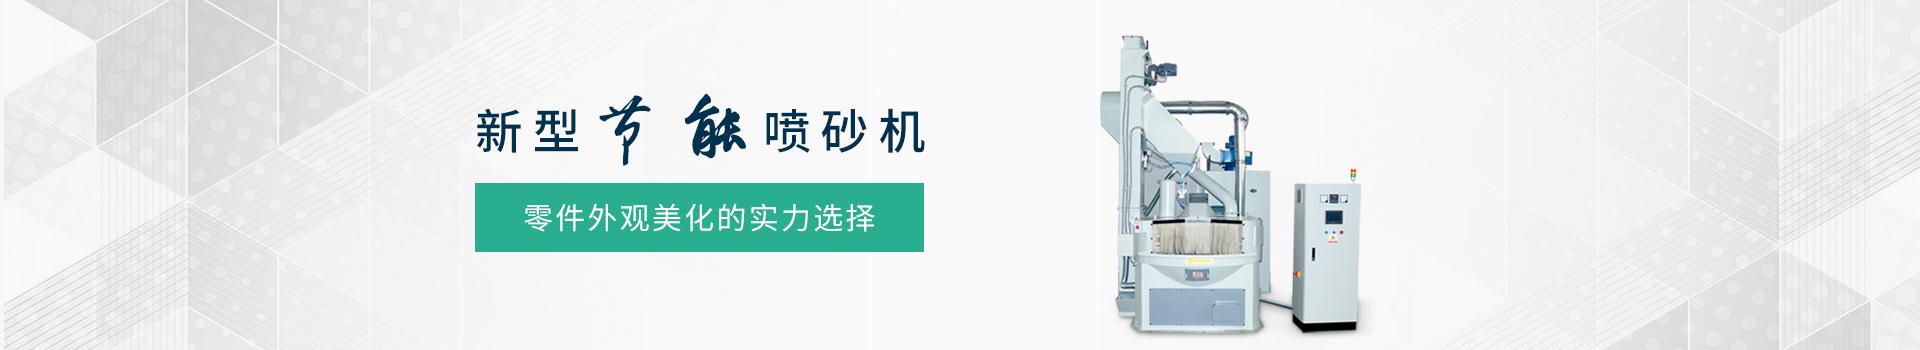 泰盛-新型节能喷砂机 零件外观美化的实力选择